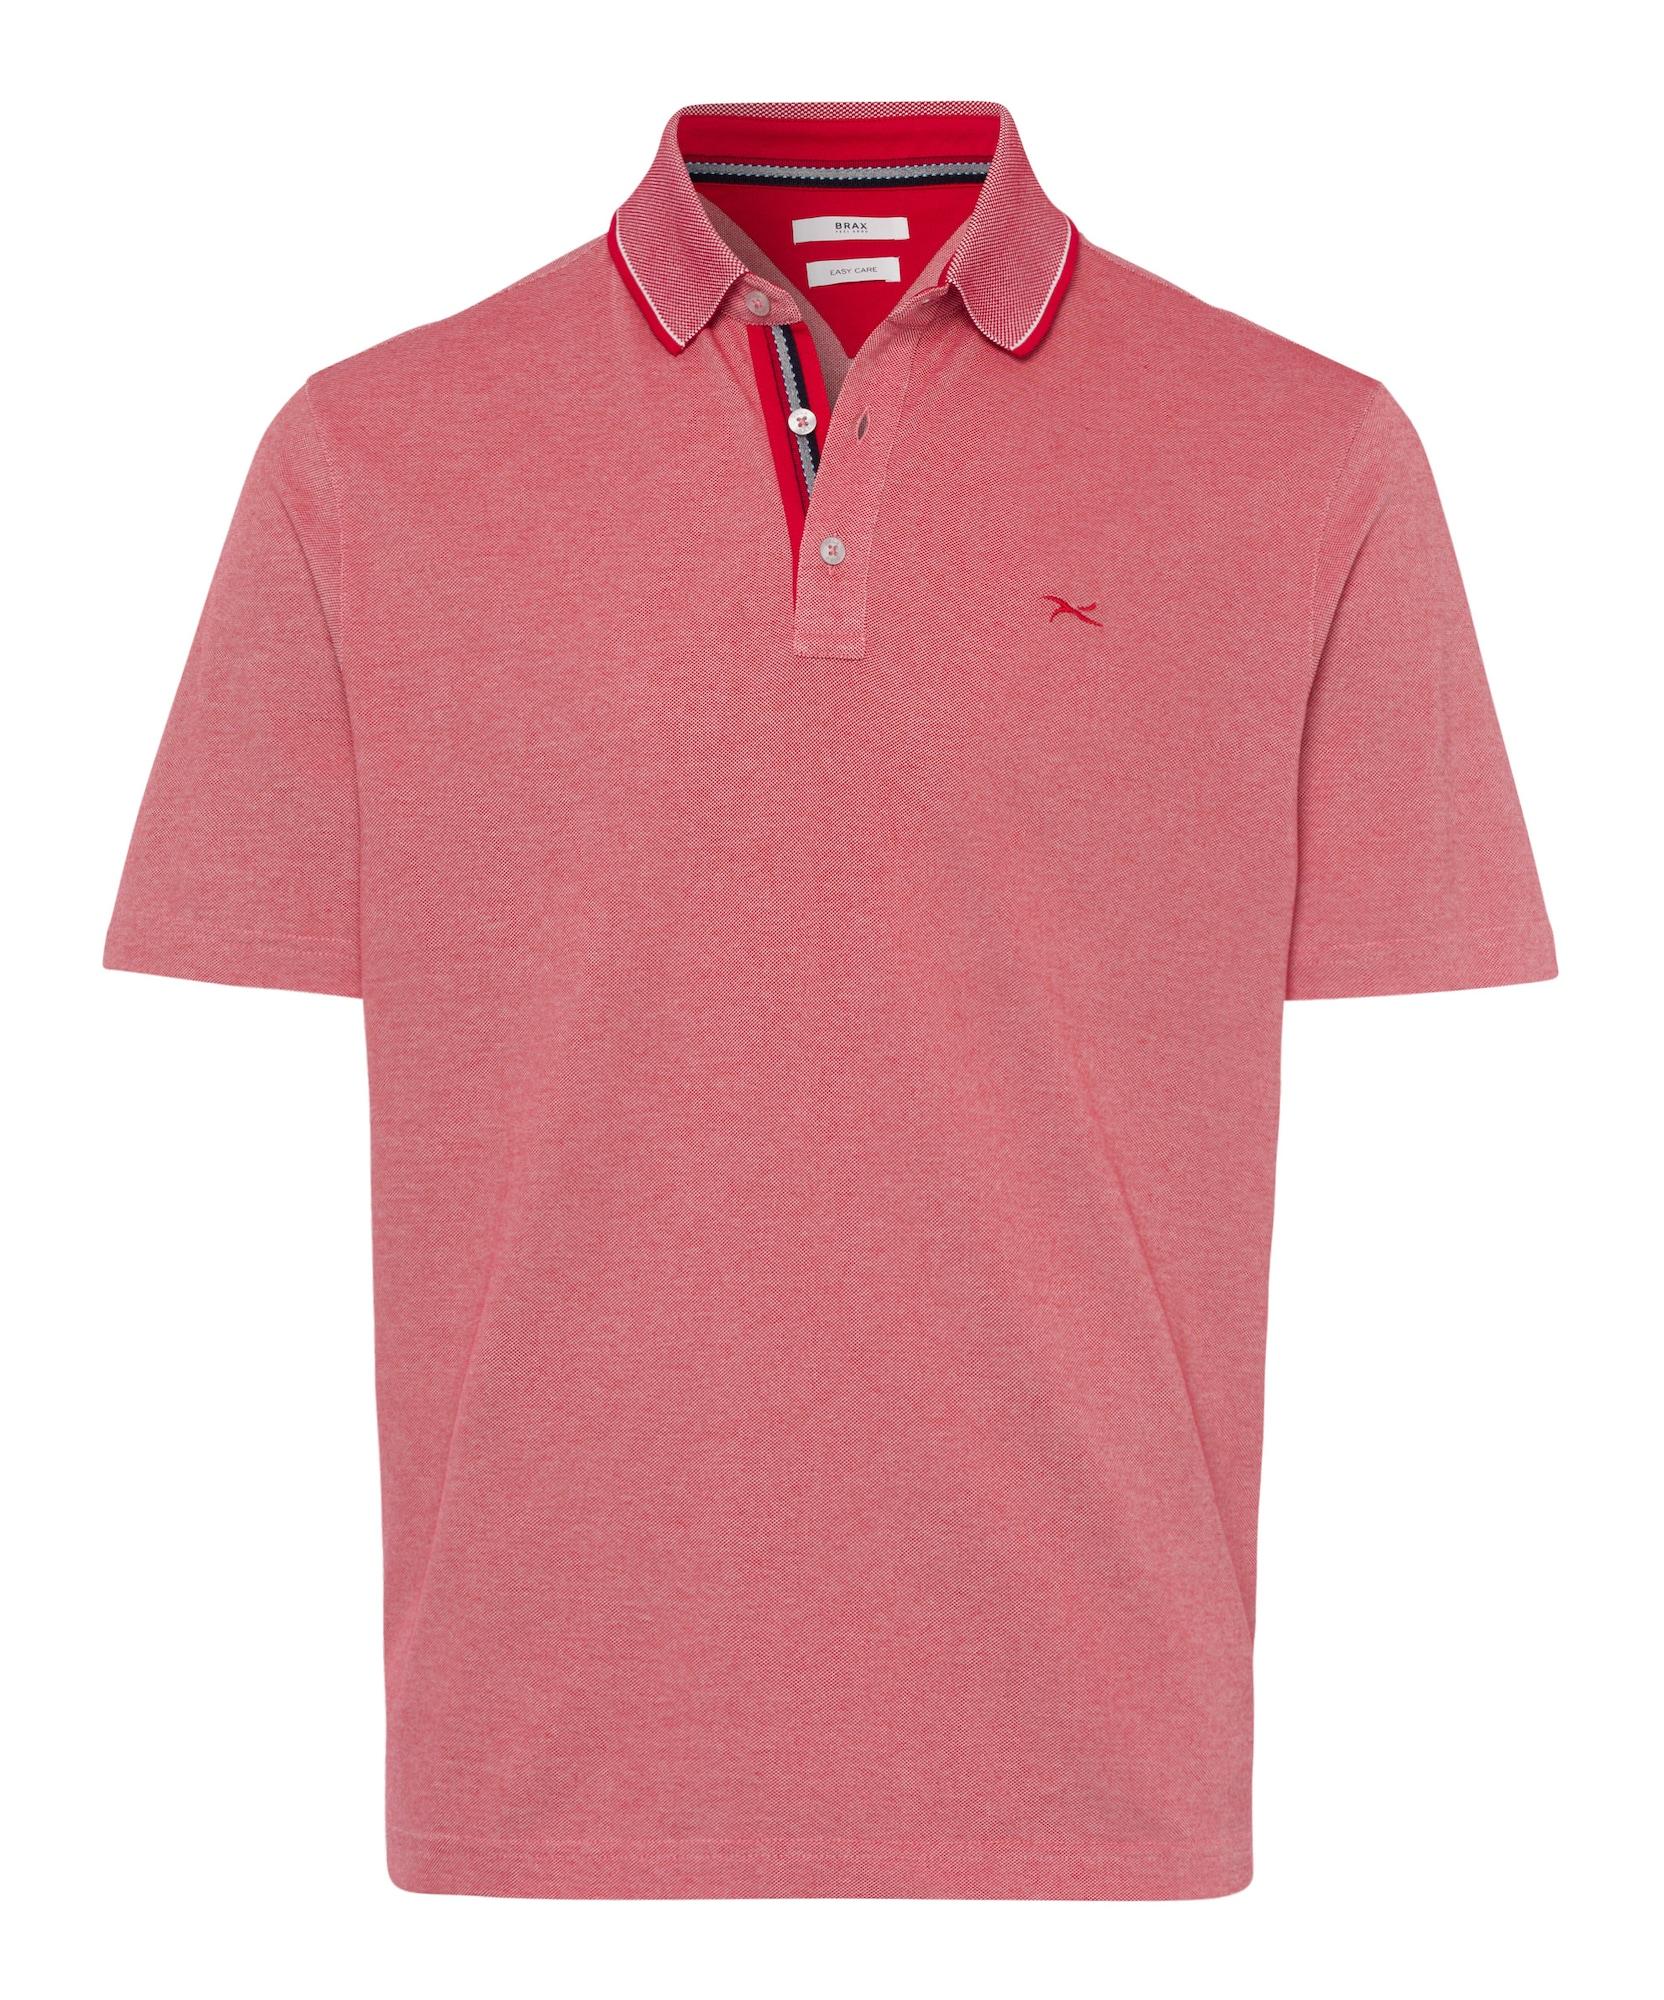 BRAX Marškinėliai 'Petter' pastelinė raudona